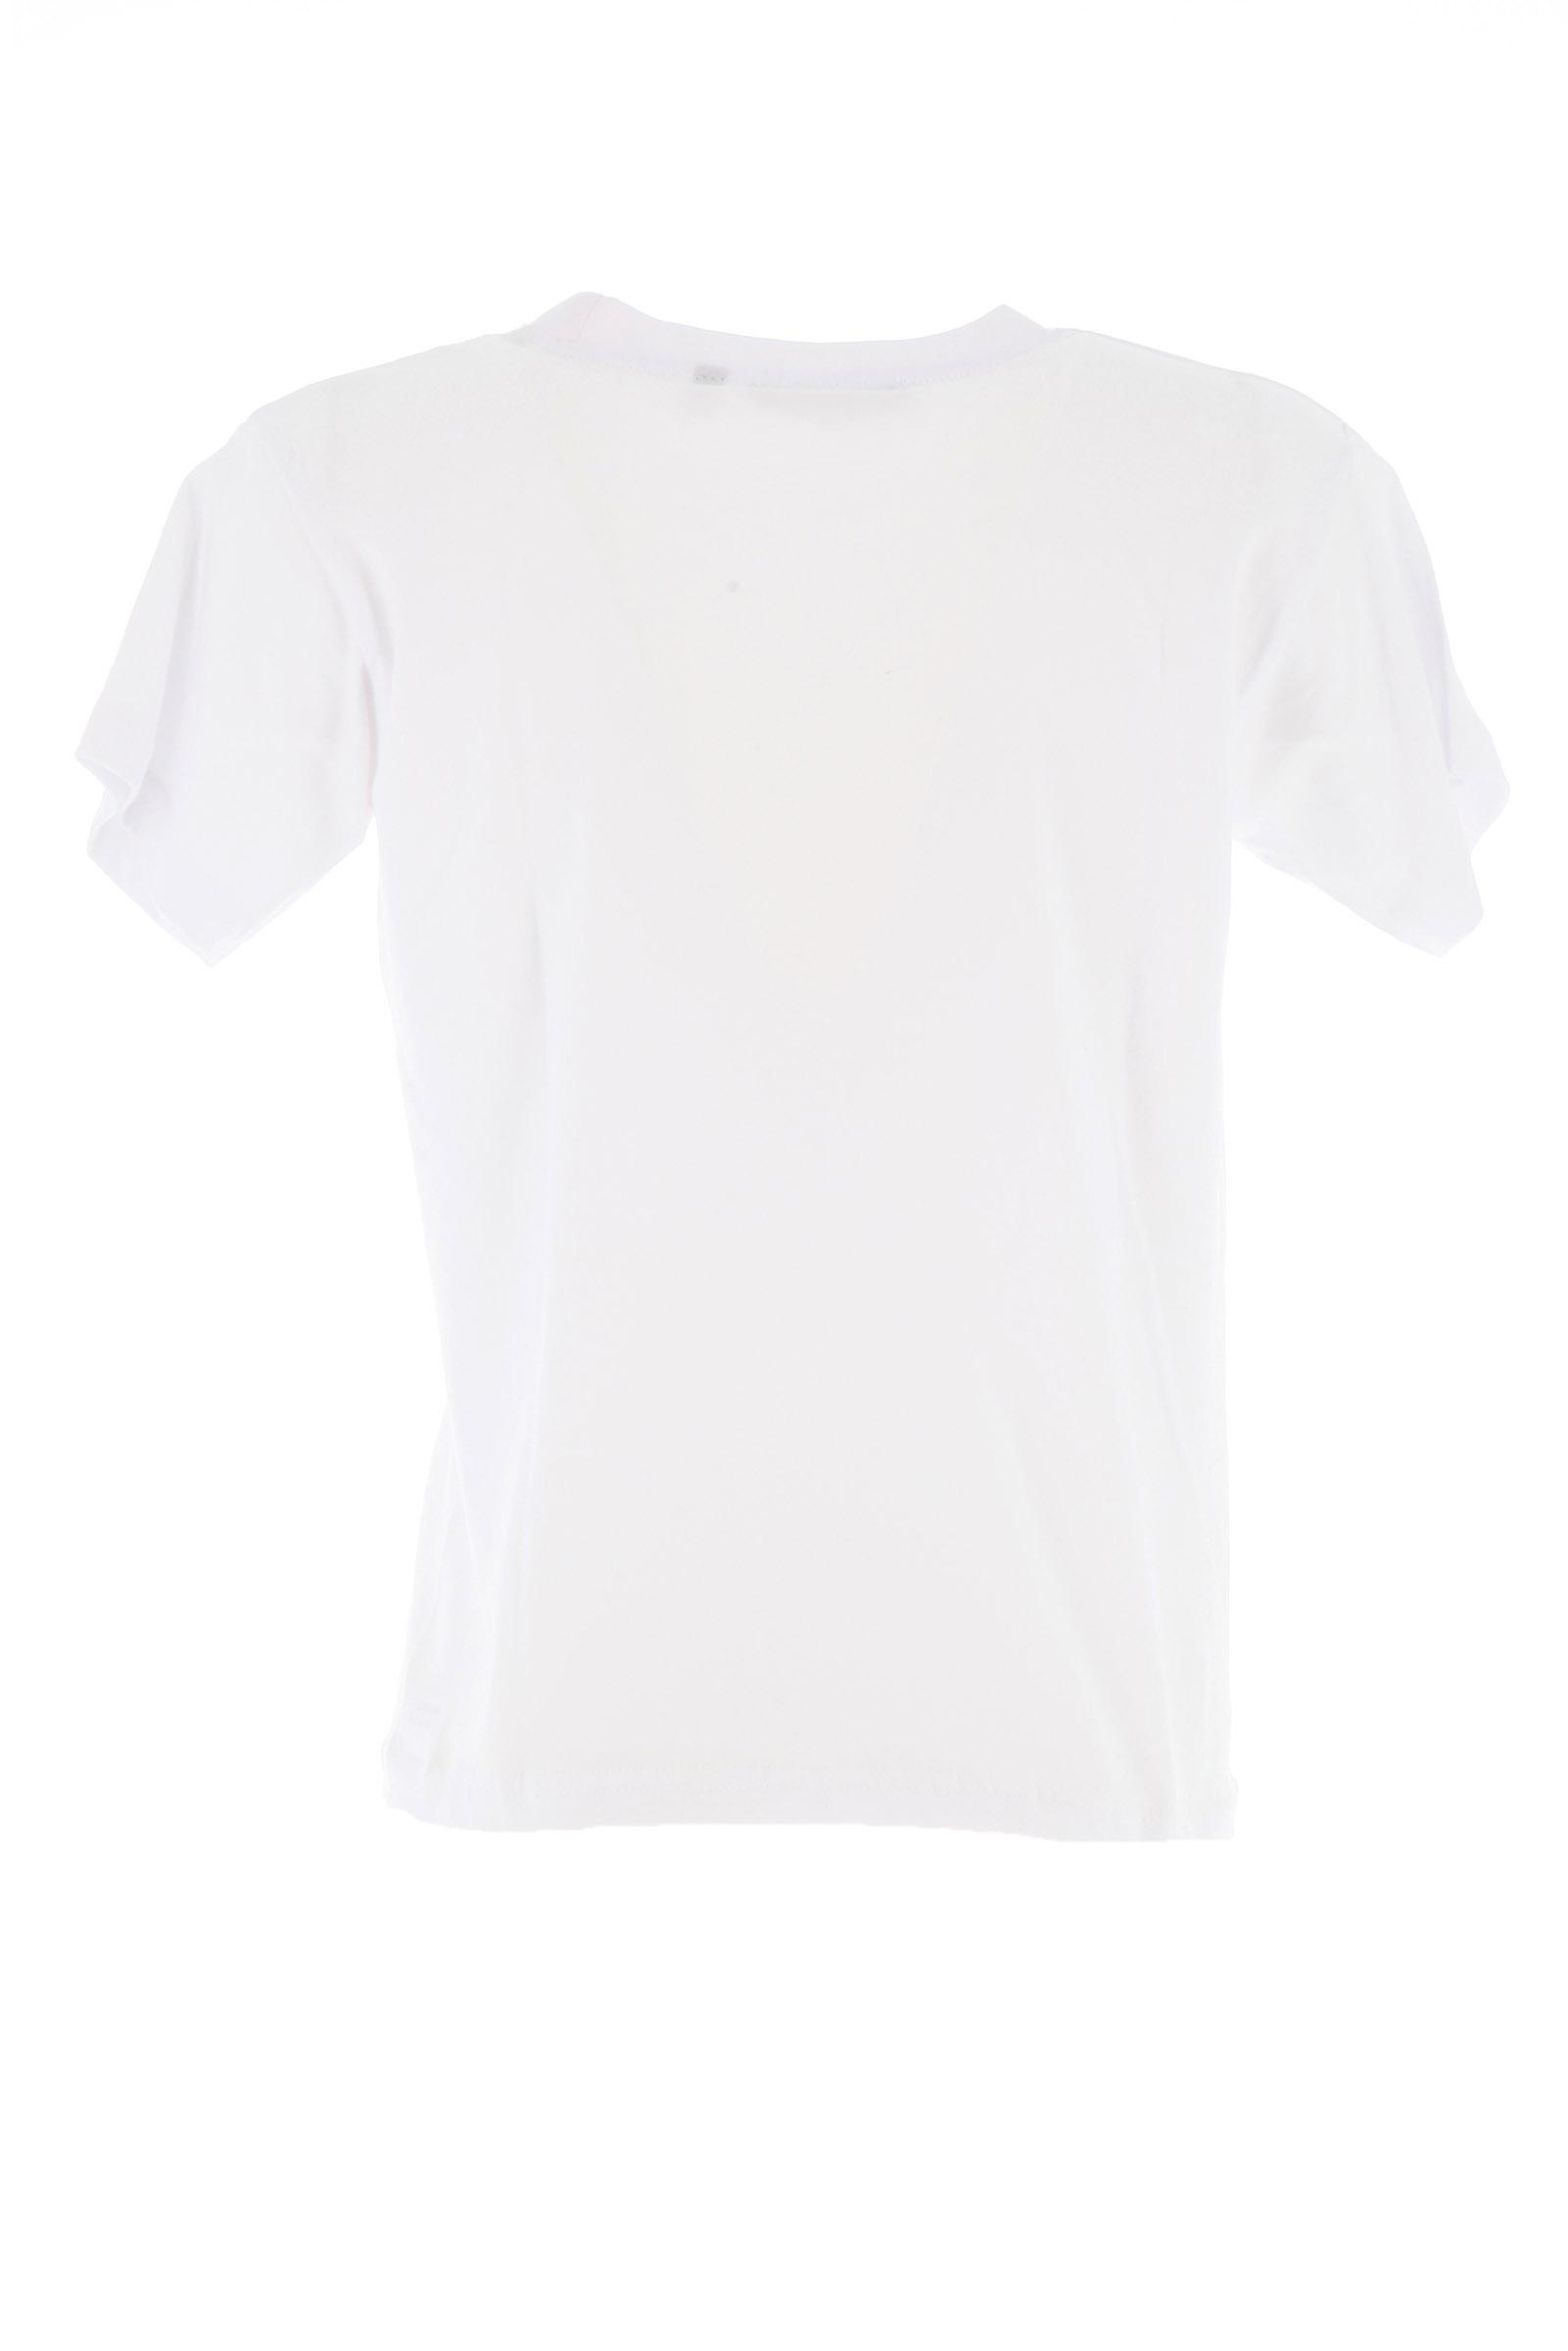 Faaking t-shirt FAAKING | T-shirt | K04BIANCO